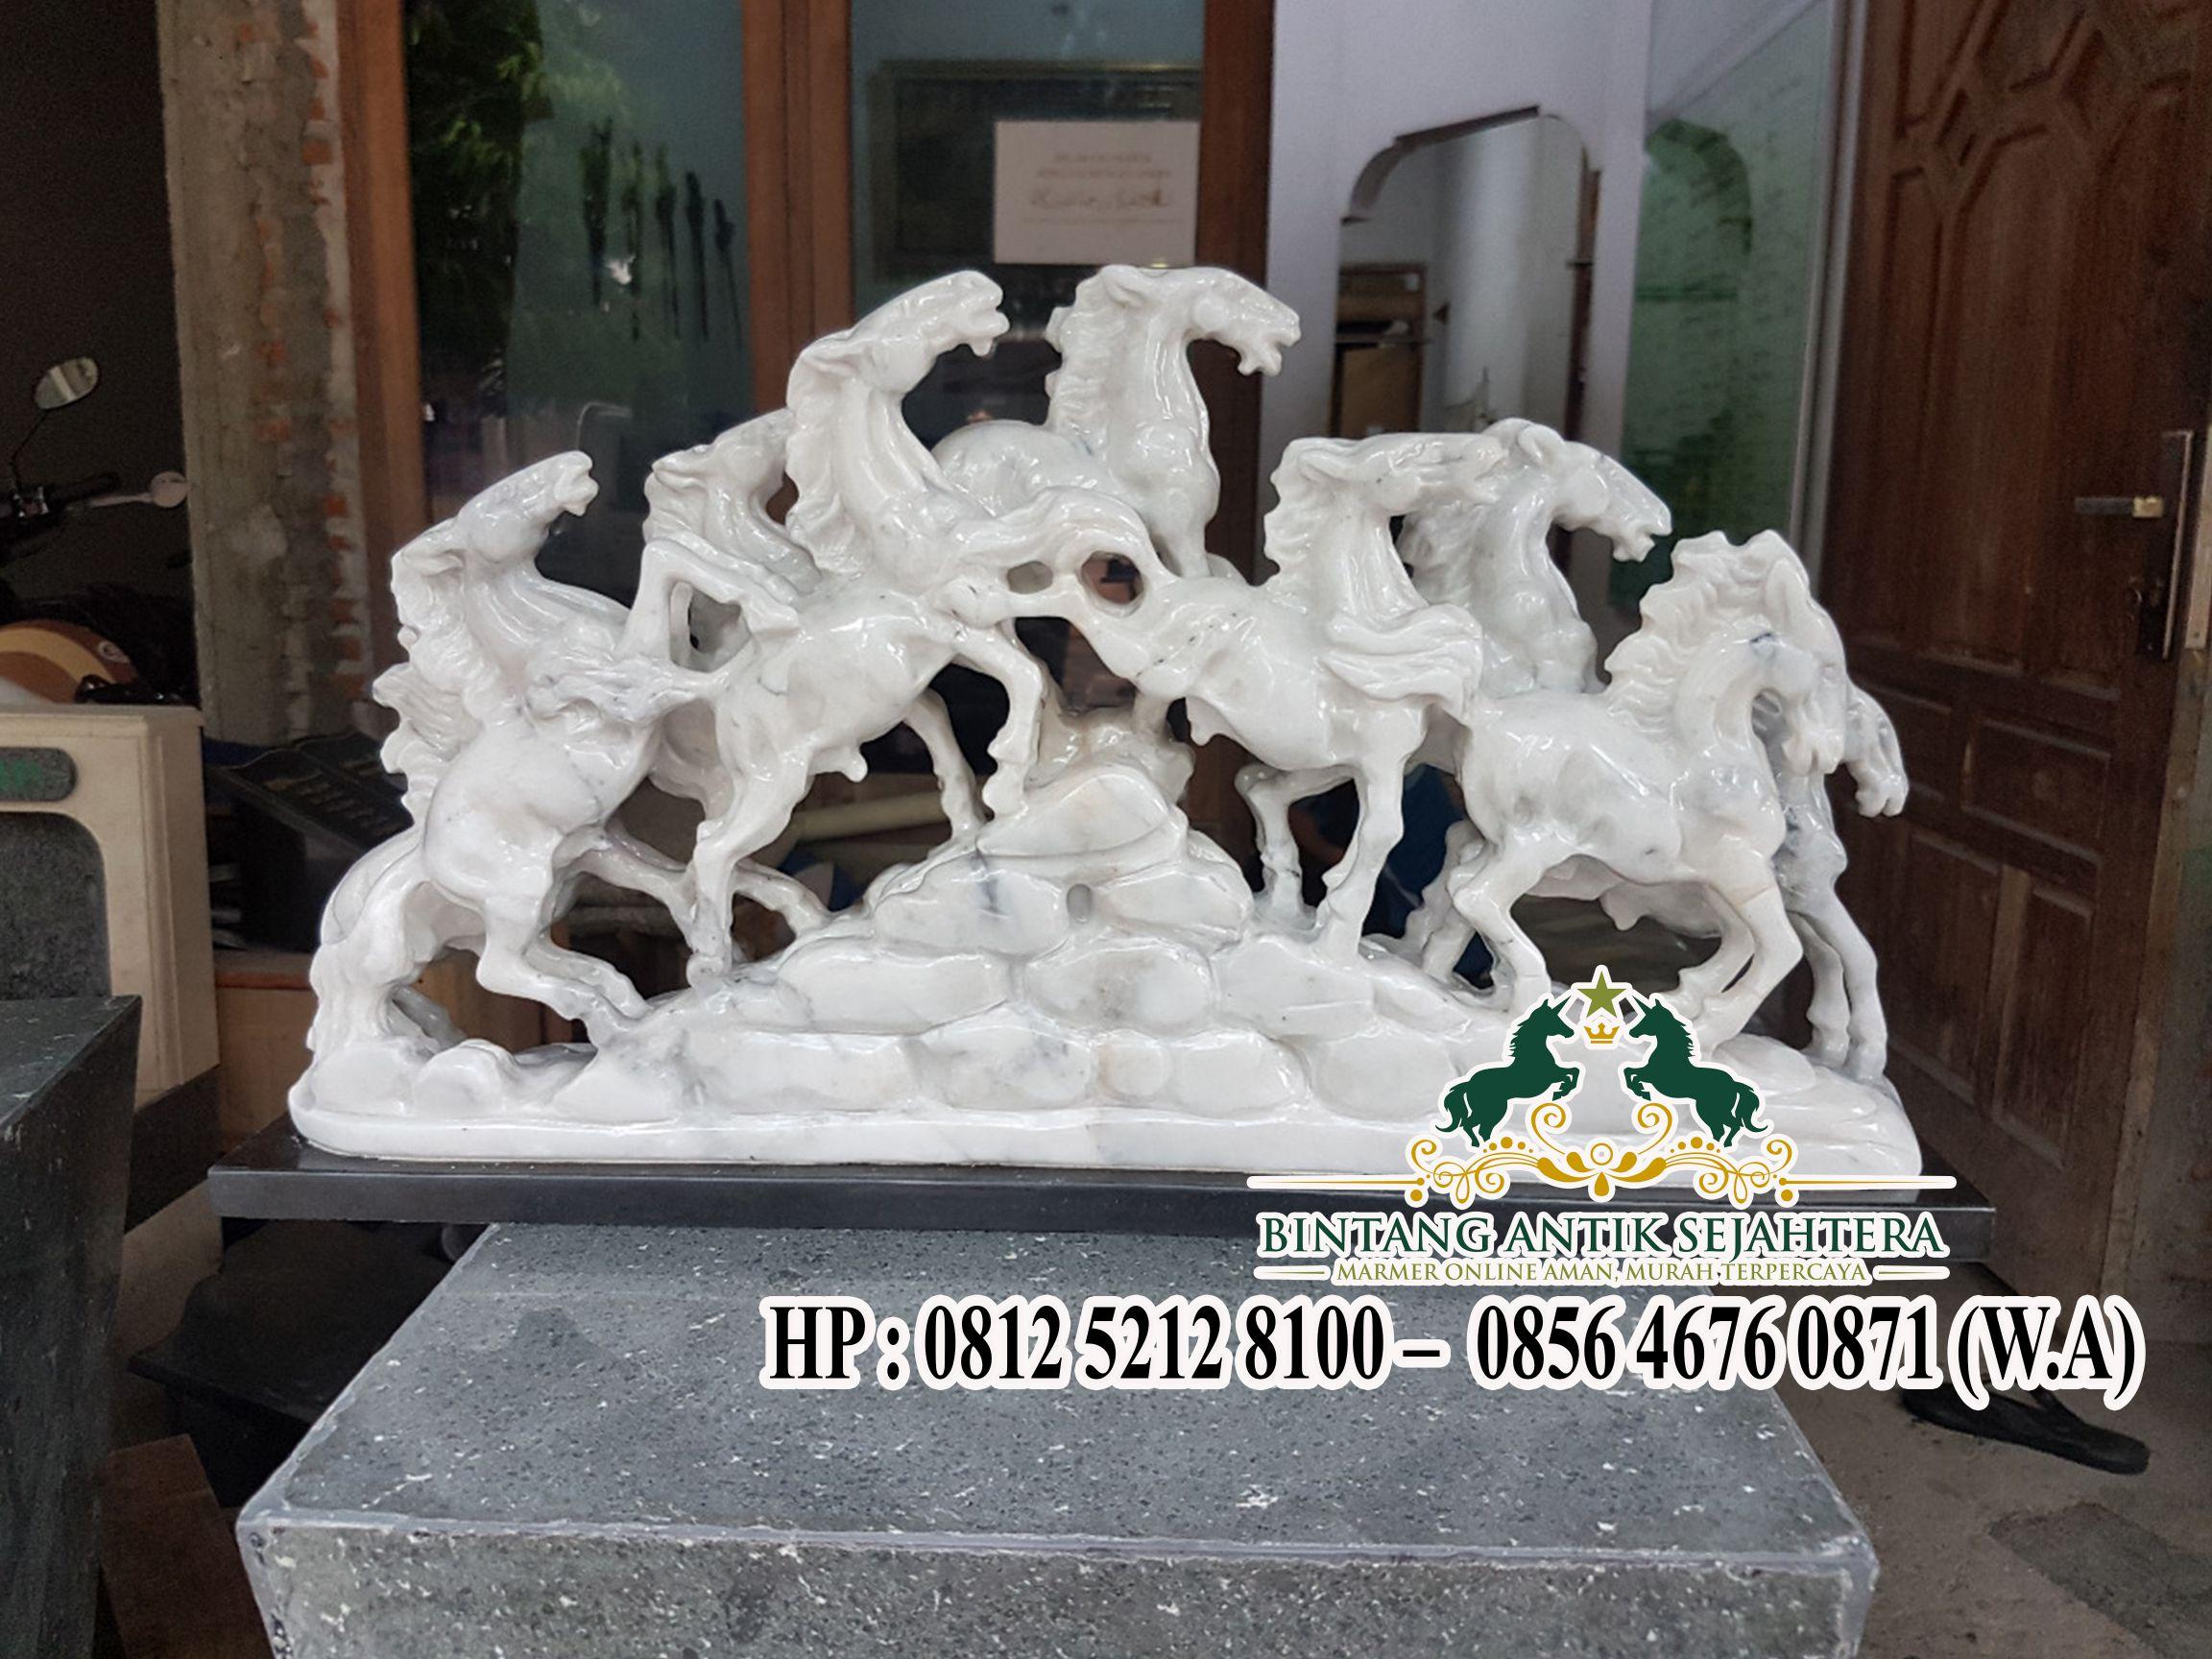 Jual Patung Kuda, Harga Patung Kuda Terbaru Jawa Timur